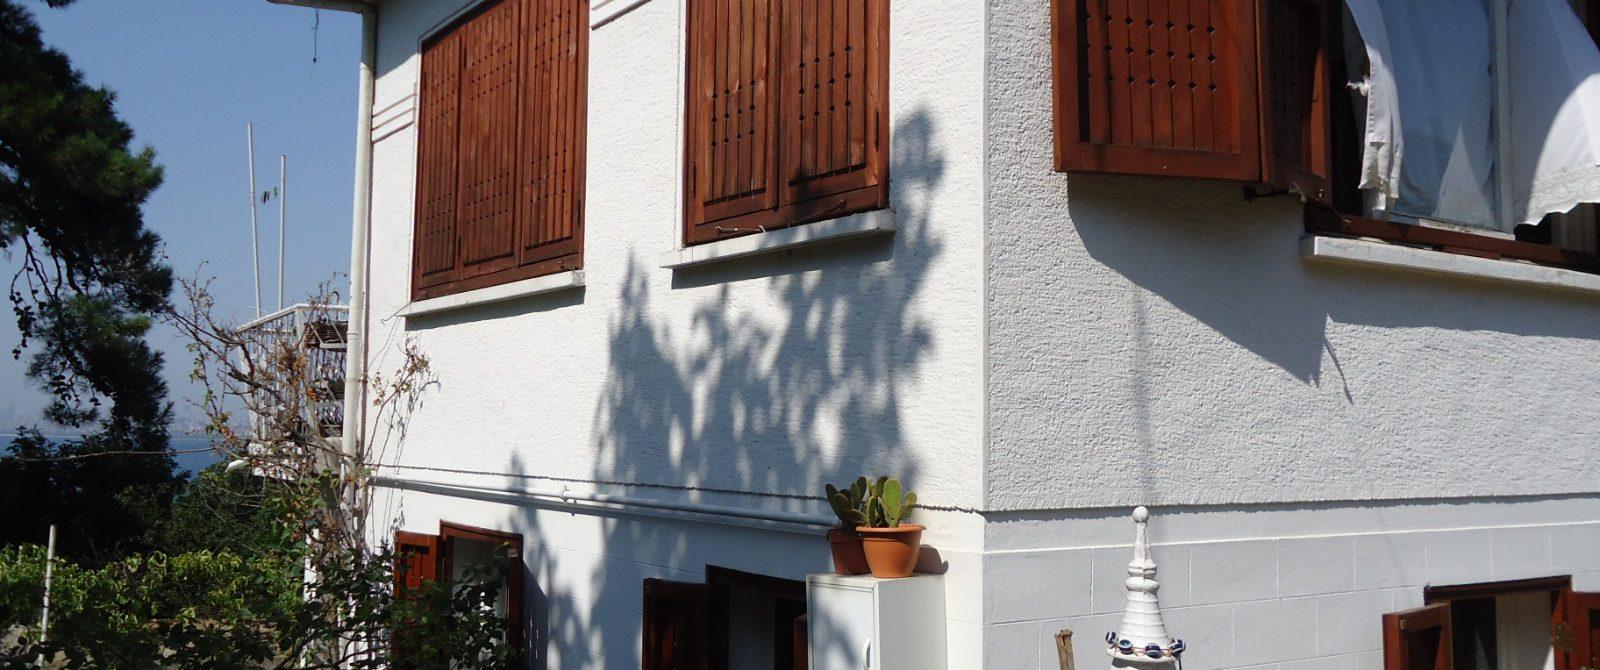 Büyük adada Dublex Villa - Dublex Villa im Büyükada